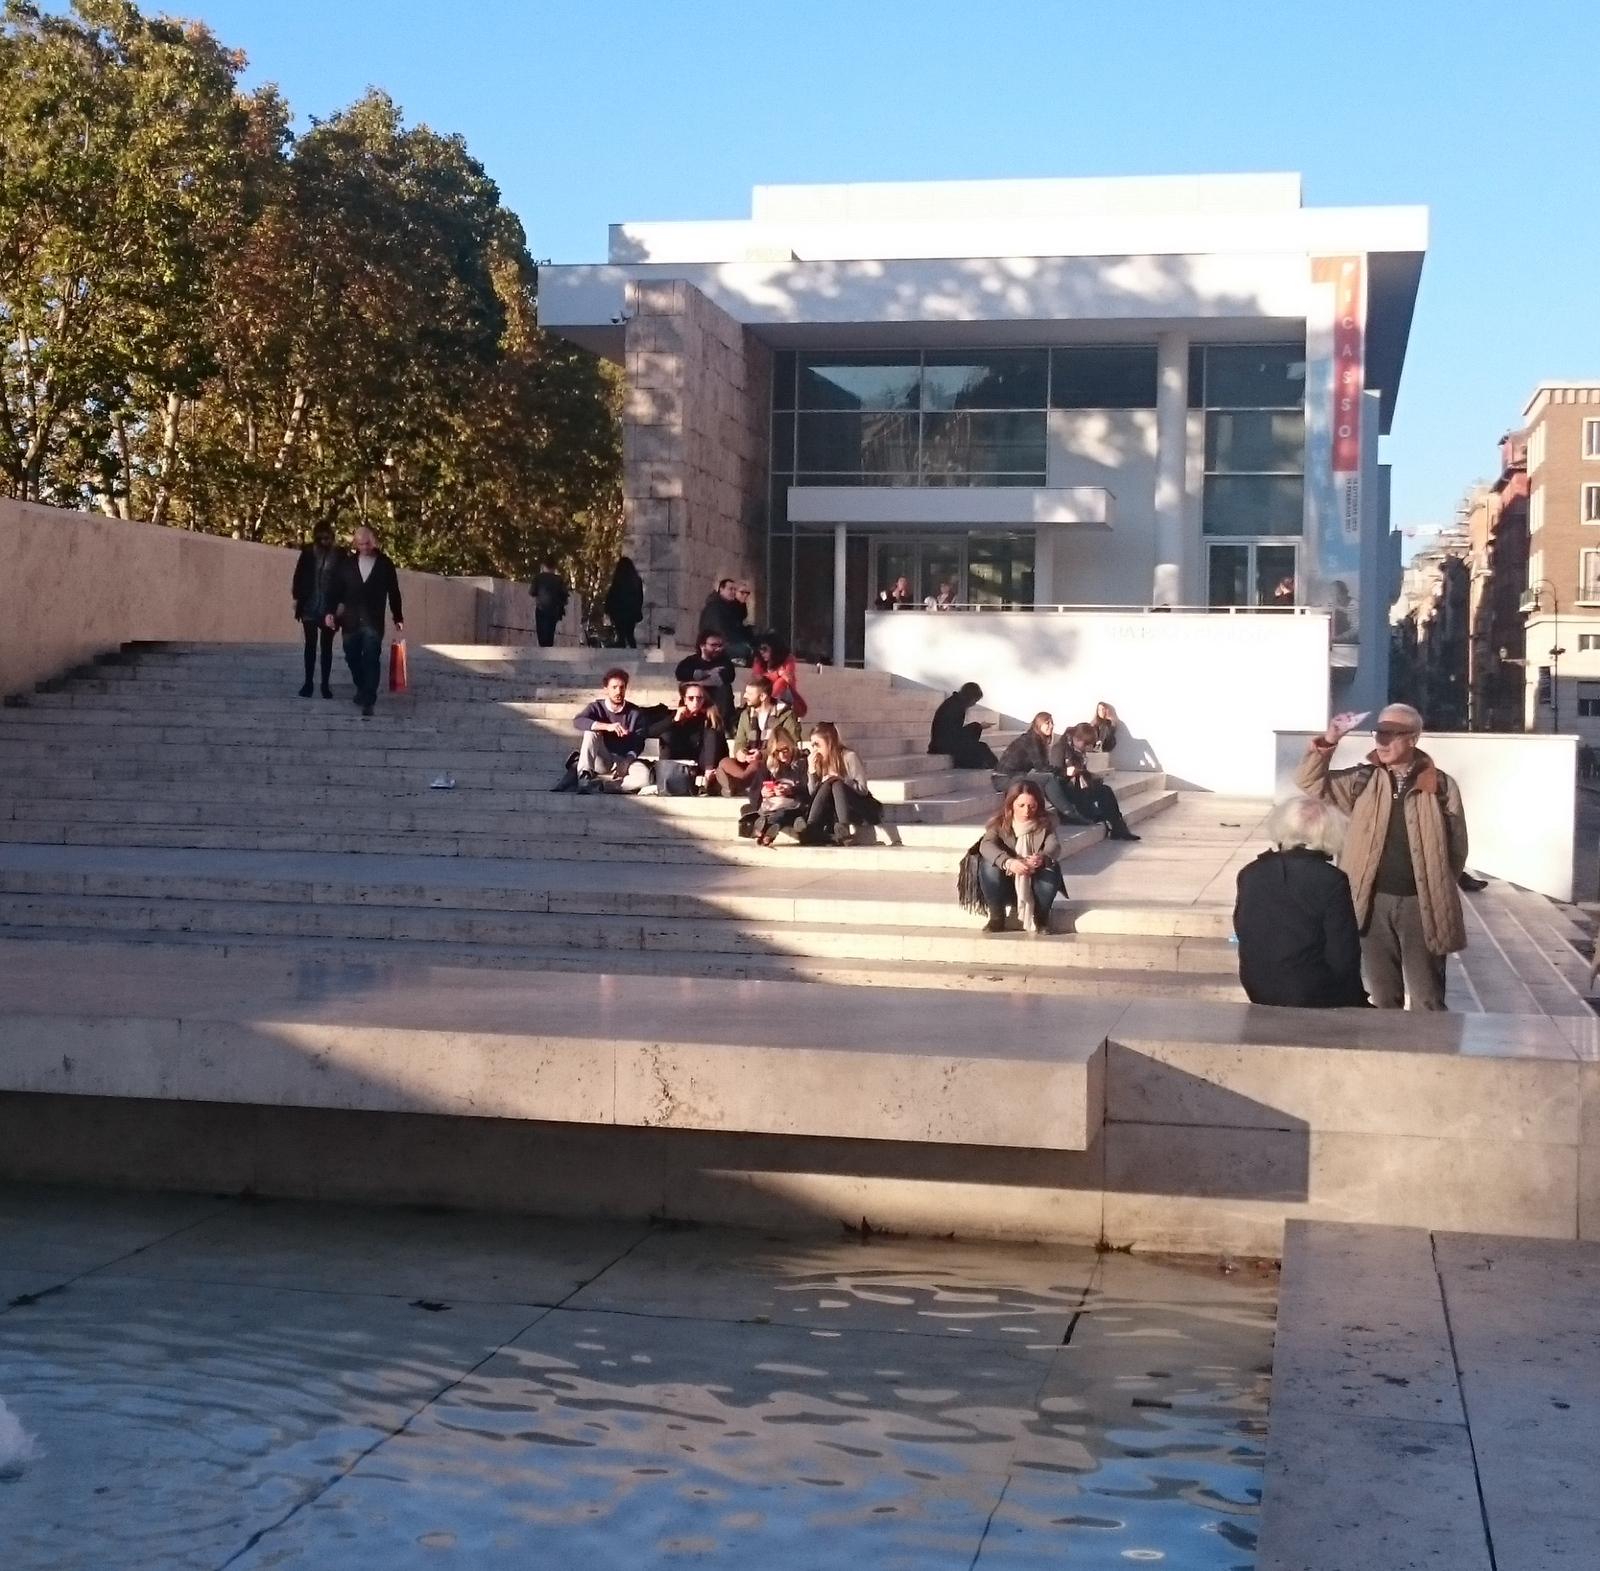 Der öffentliche Raum ist in Rom ein permanentes gesellschaftliches Konfliktthema; um den Neubau des Ara Pacis Museums wurde jahrelang gestritten